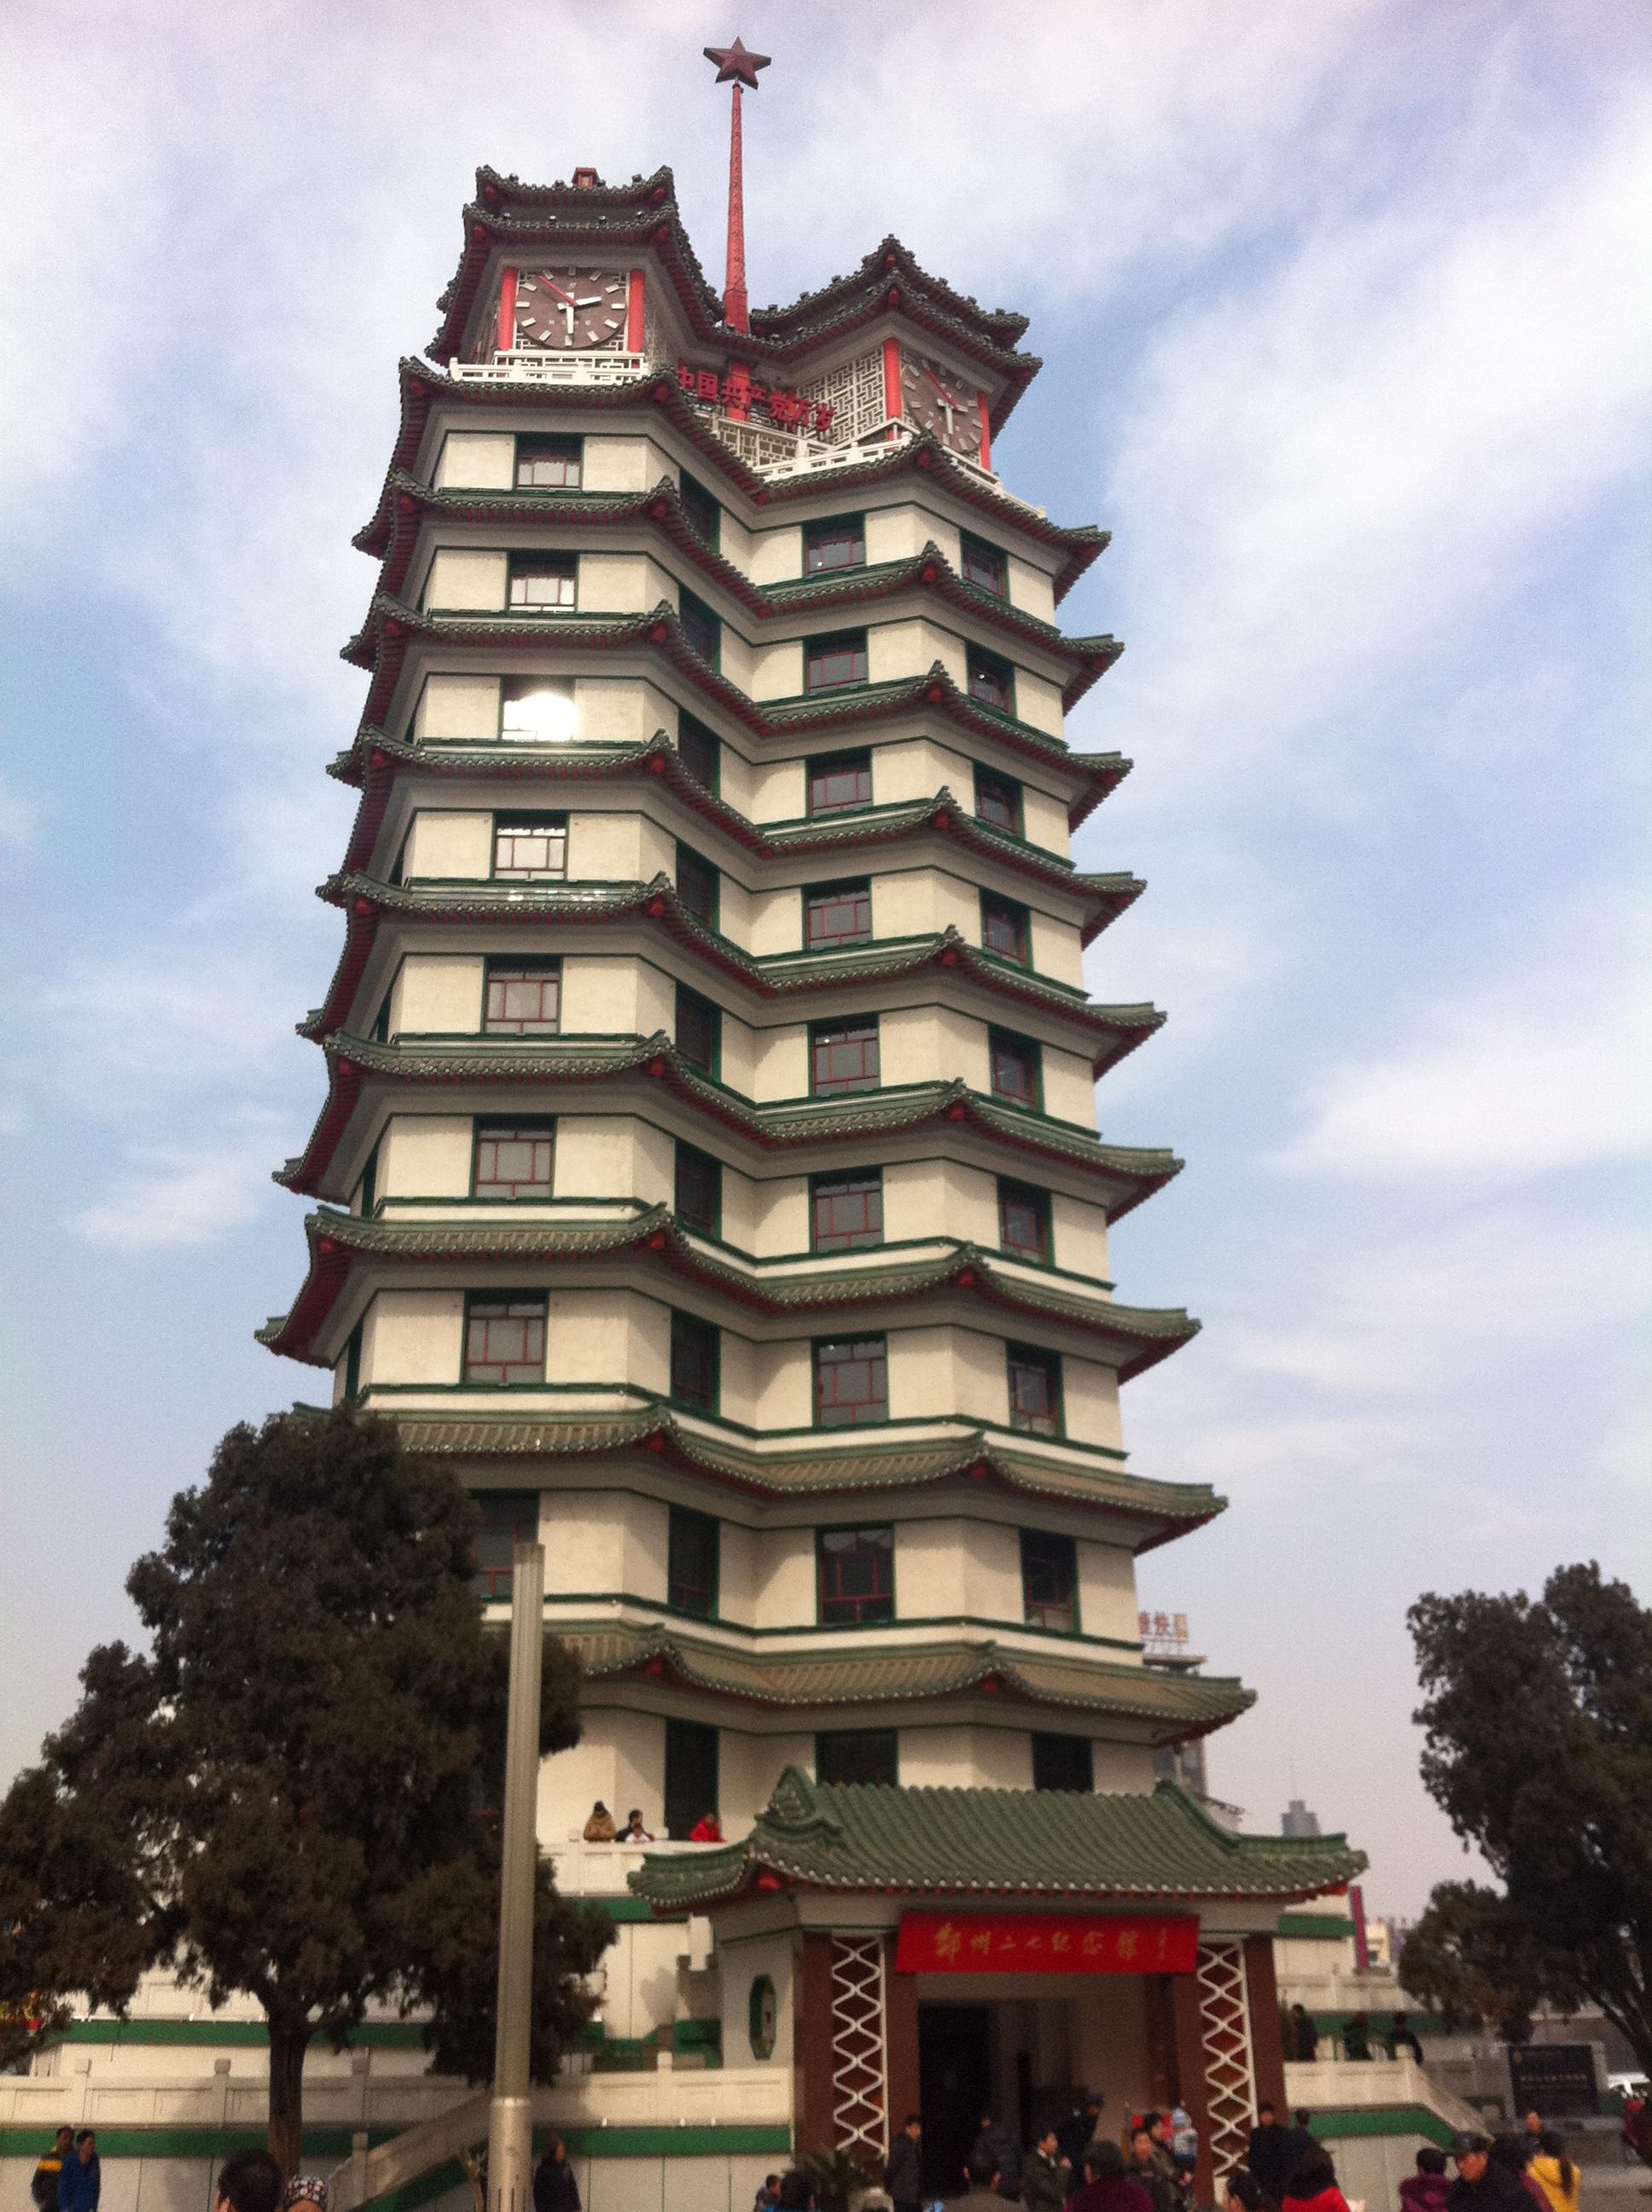 郑州二七纪念塔 郑州二七纪念塔门票 河南郑州二七纪念塔图片